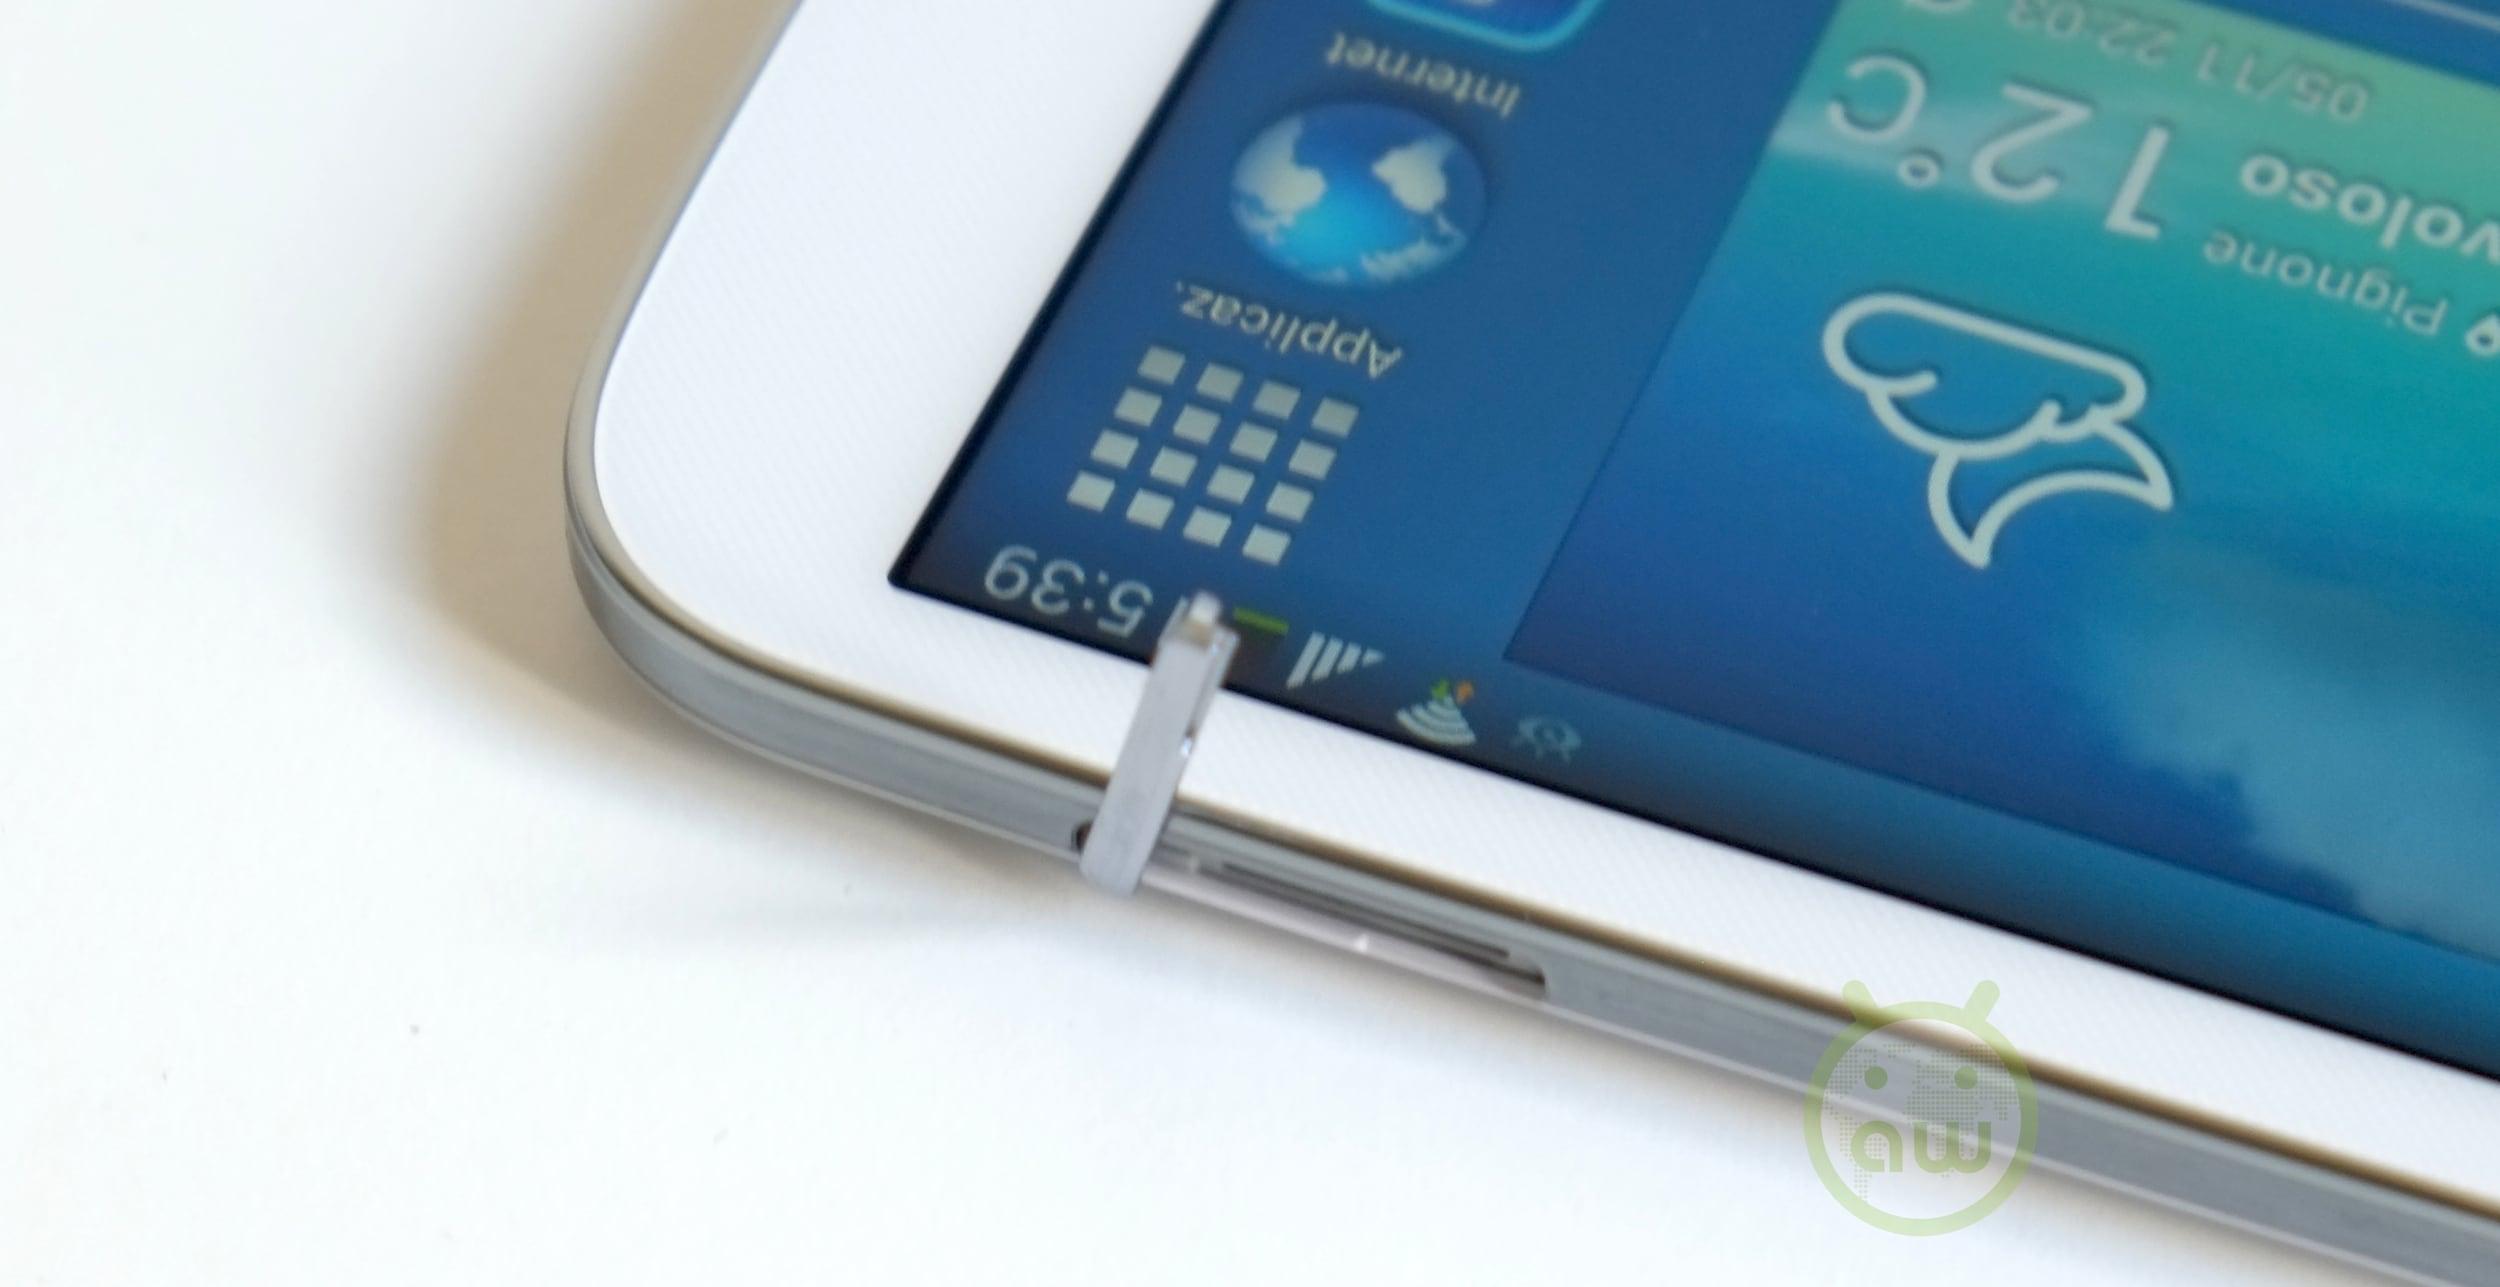 Samsung Galaxy Tab 3 8.0 13